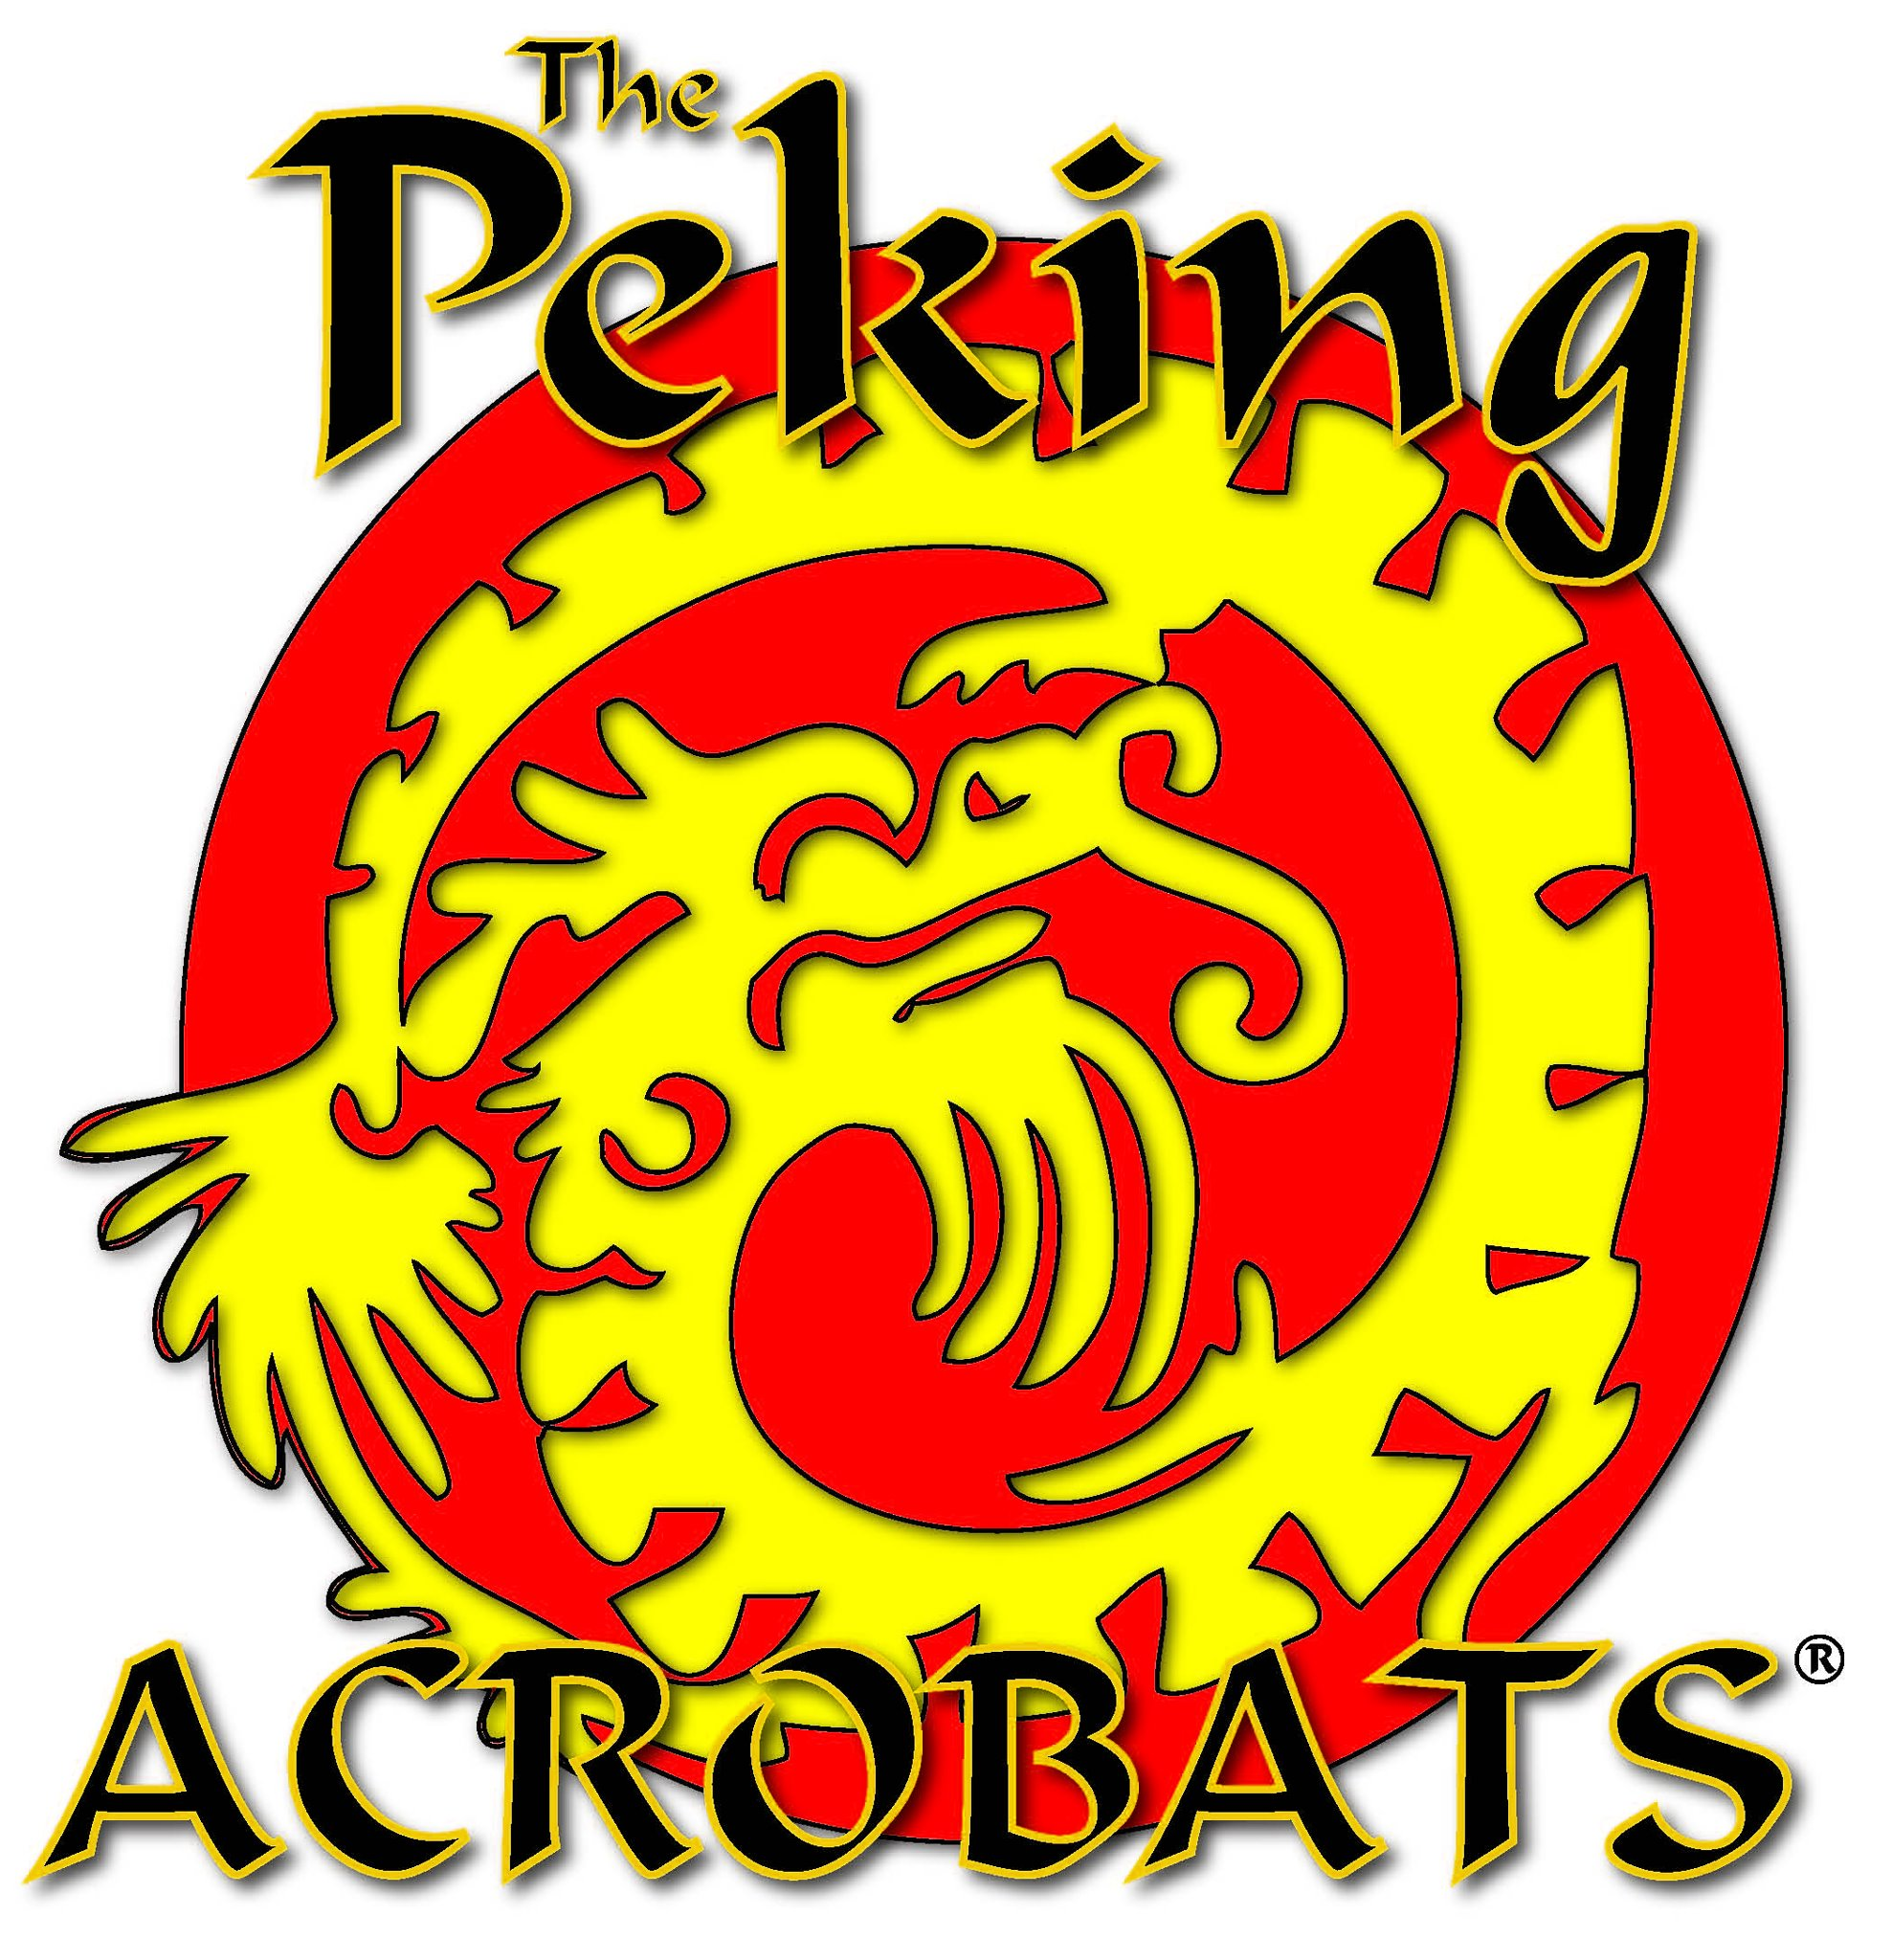 The-Peking-Acrobats